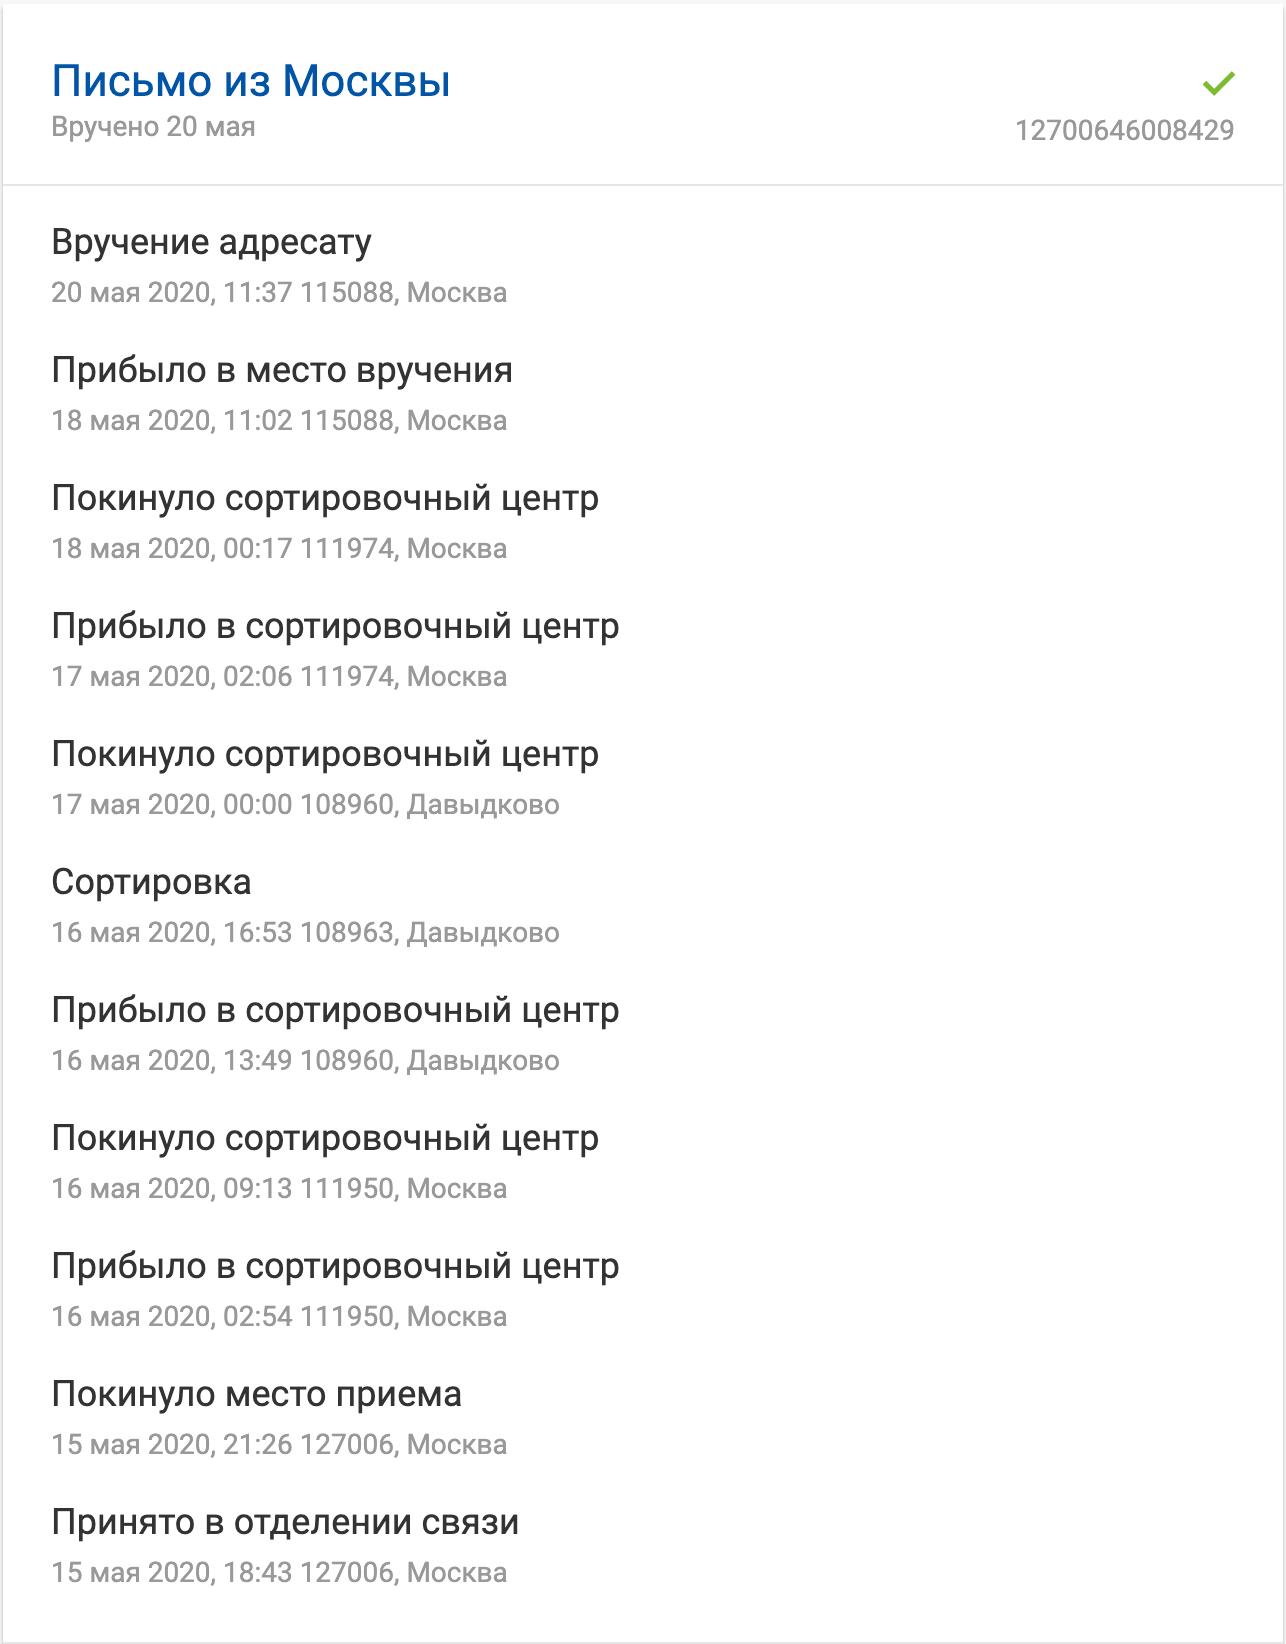 «Покинуло сортировочный центр»: как устроена логистика Почты России